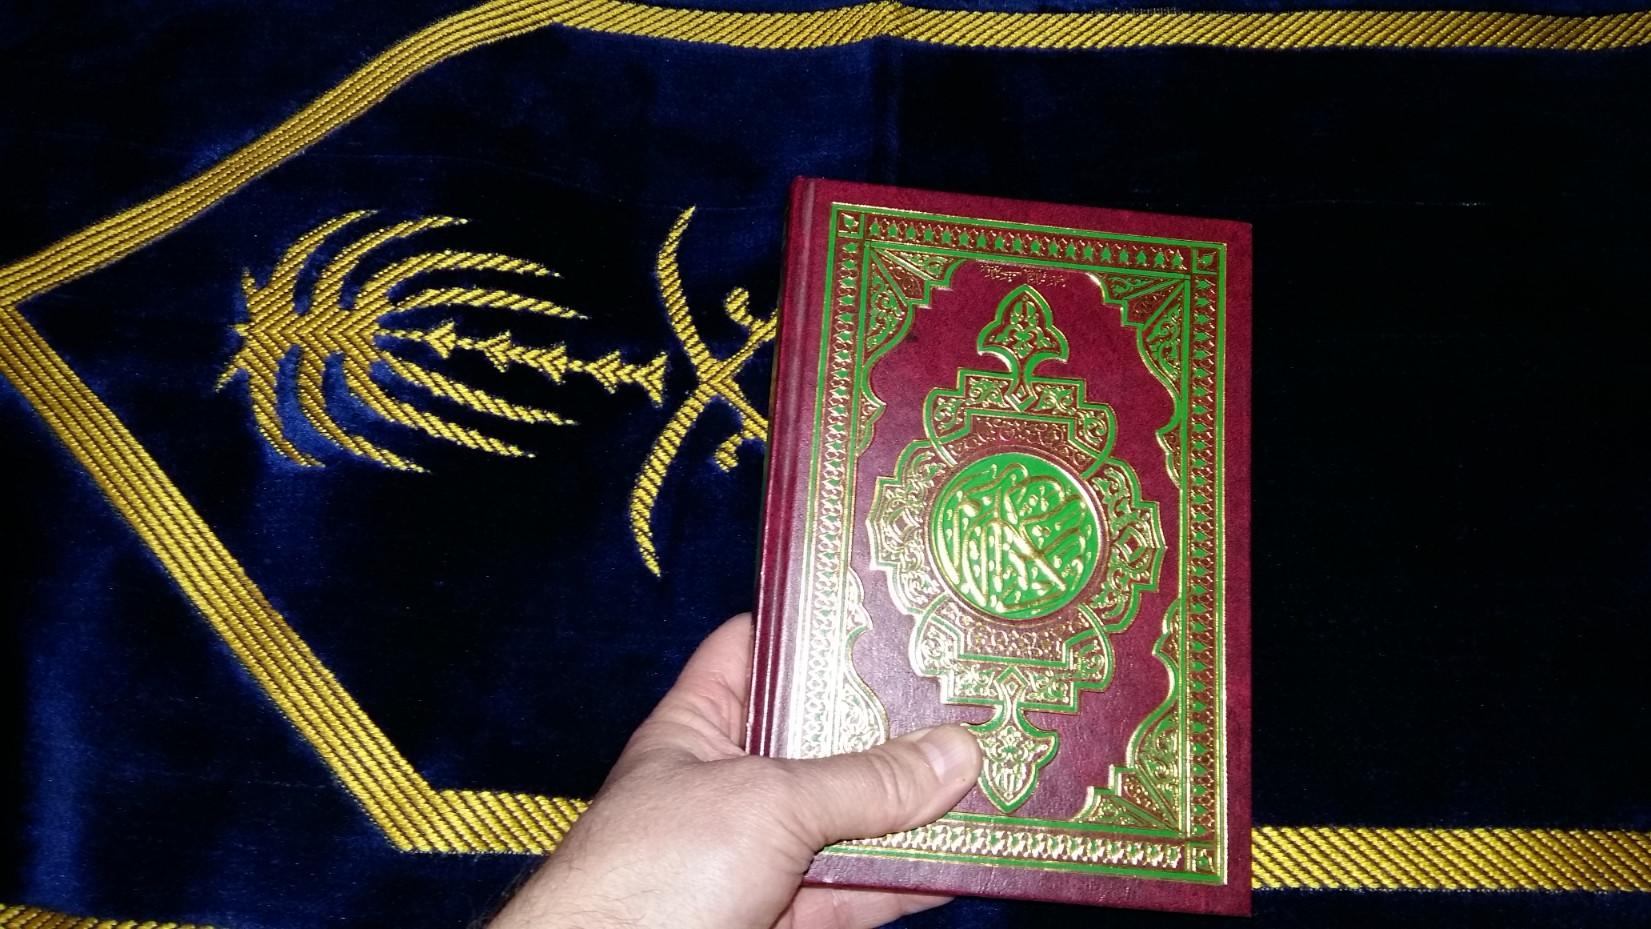 Ahogy nálunk sokfelé Biblia van a szállodai szobákban, itt imaszőnyeget és Koránt találtam